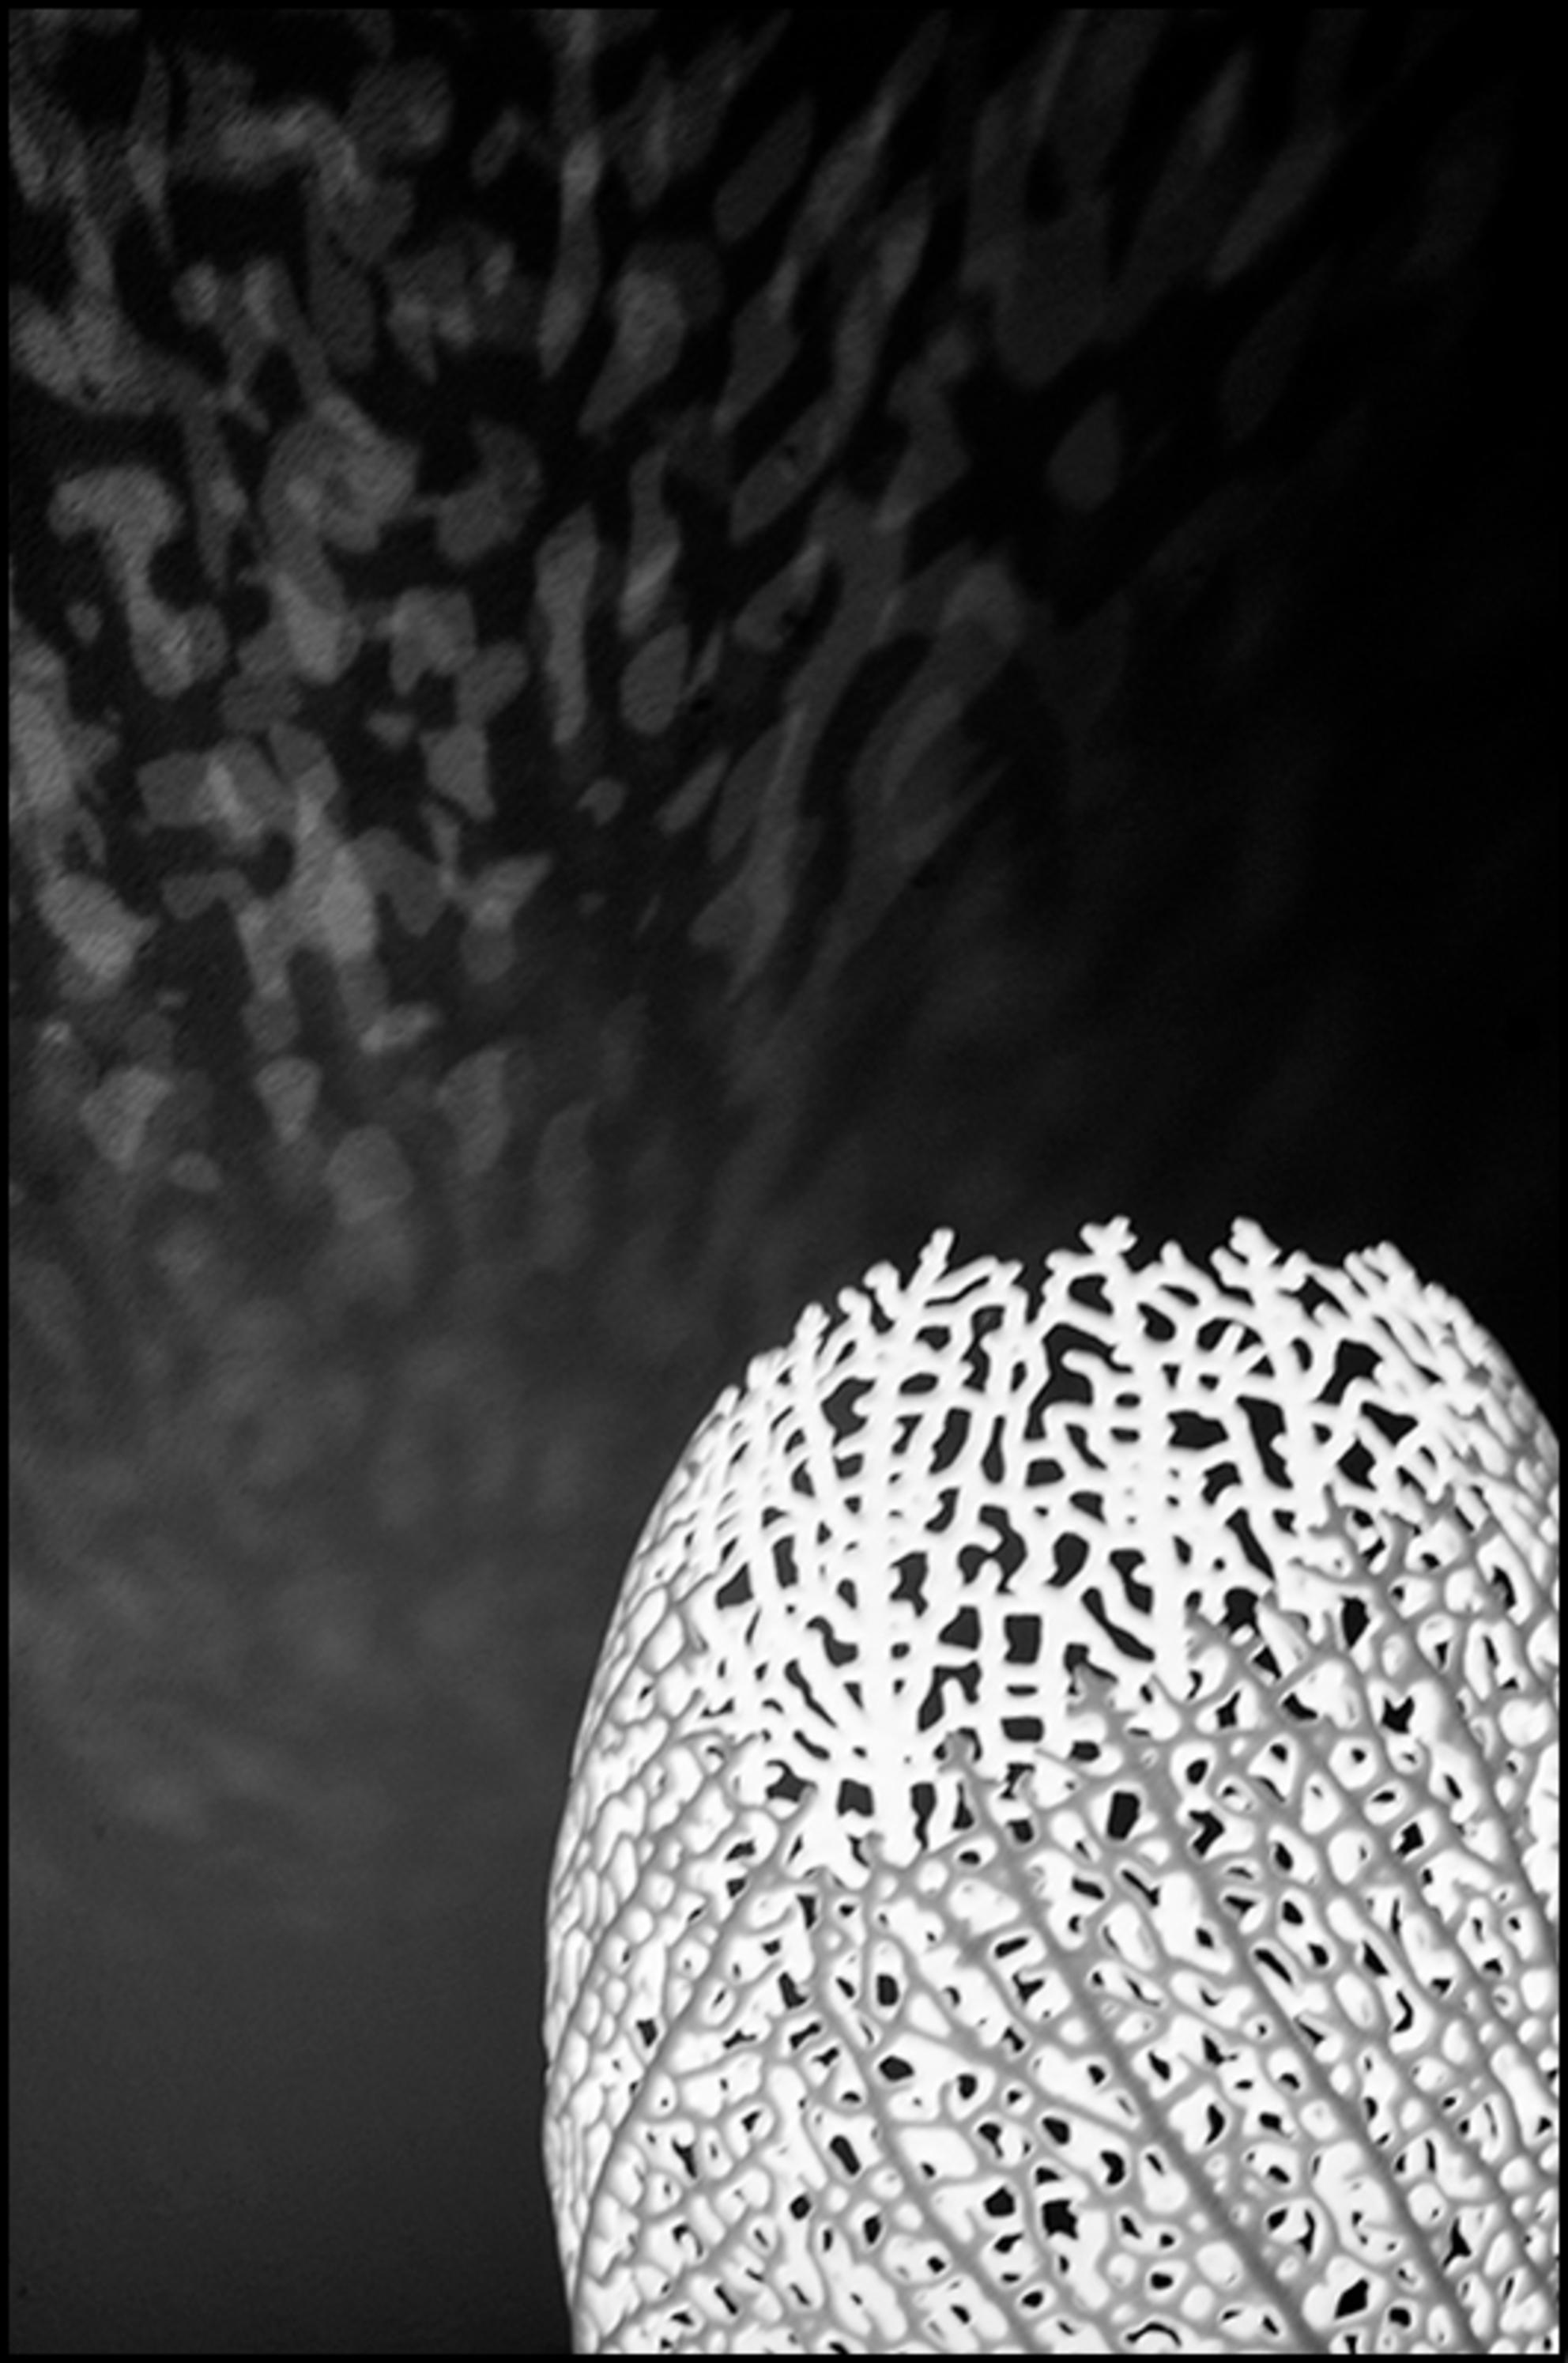 ddw 11 - Deze plaat behoeft niet veel uitleg denk ik zo. Het is wel duidelijk waar vandaan de designer zijn inspiratie vandaan heeft gehaald. Vooral de geproj - foto door mphvanhoof_zoom op 01-01-2014 - deze foto bevat: licht, lamp, schaduw, kunst, eindhoven, art, vormgeving, koraal, verlichting, mystiek, constructie, design, projectie, onderwaterwereld, onderwaterleven, lichtobject, ontwerpen, zwart wit, ontwerpers, dutch design week, industrieel ontwerp